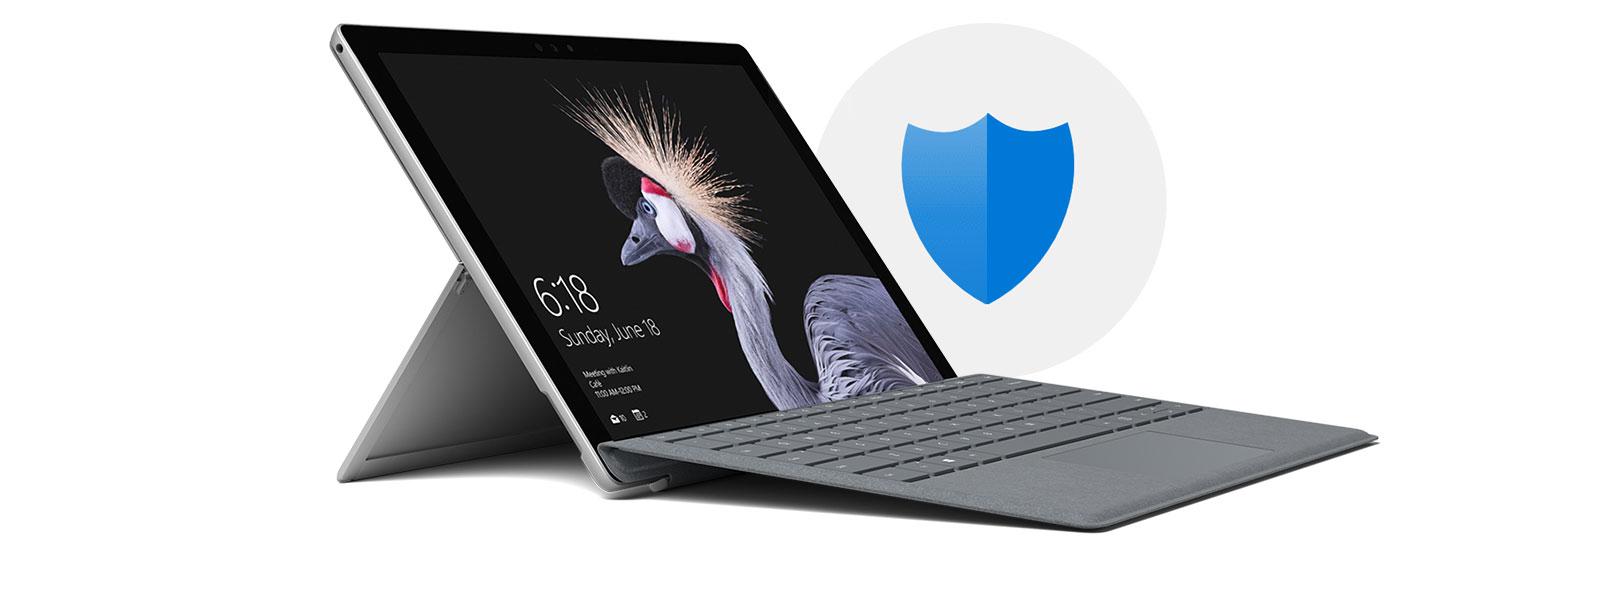 صورة لجهاز Surface Pro ورمز حماية وأمان في الخلفية